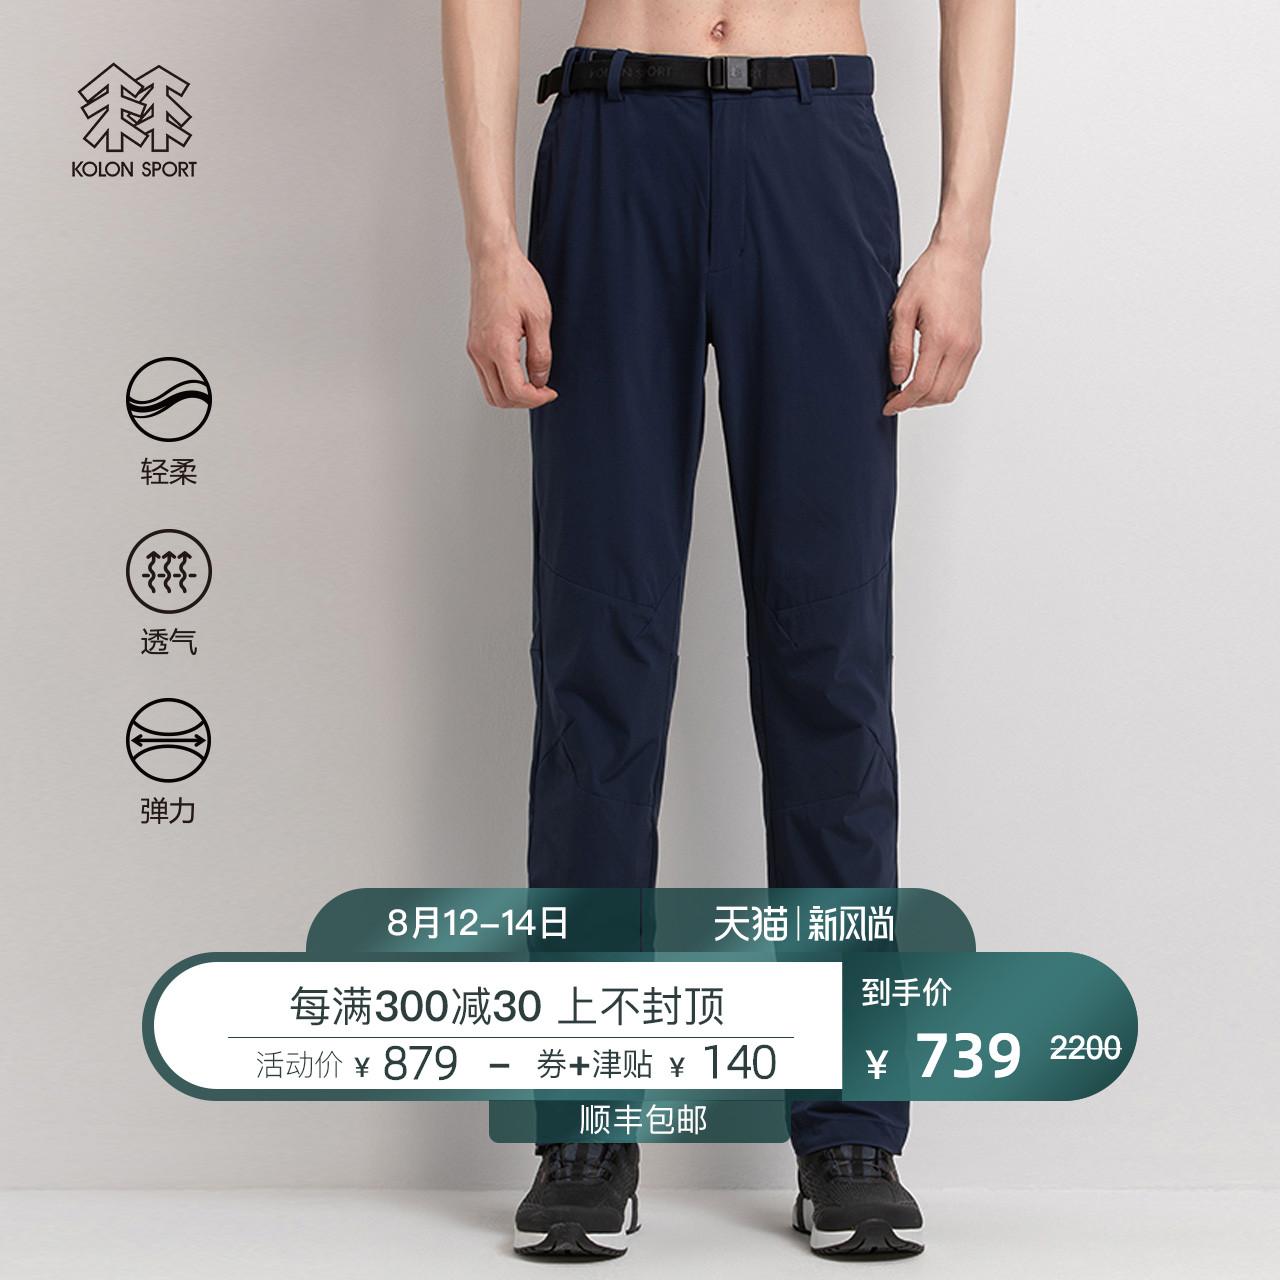 KOLONSPORT可隆裤子男长裤专业款舒乐防污舒适纳米户外运动休闲裤